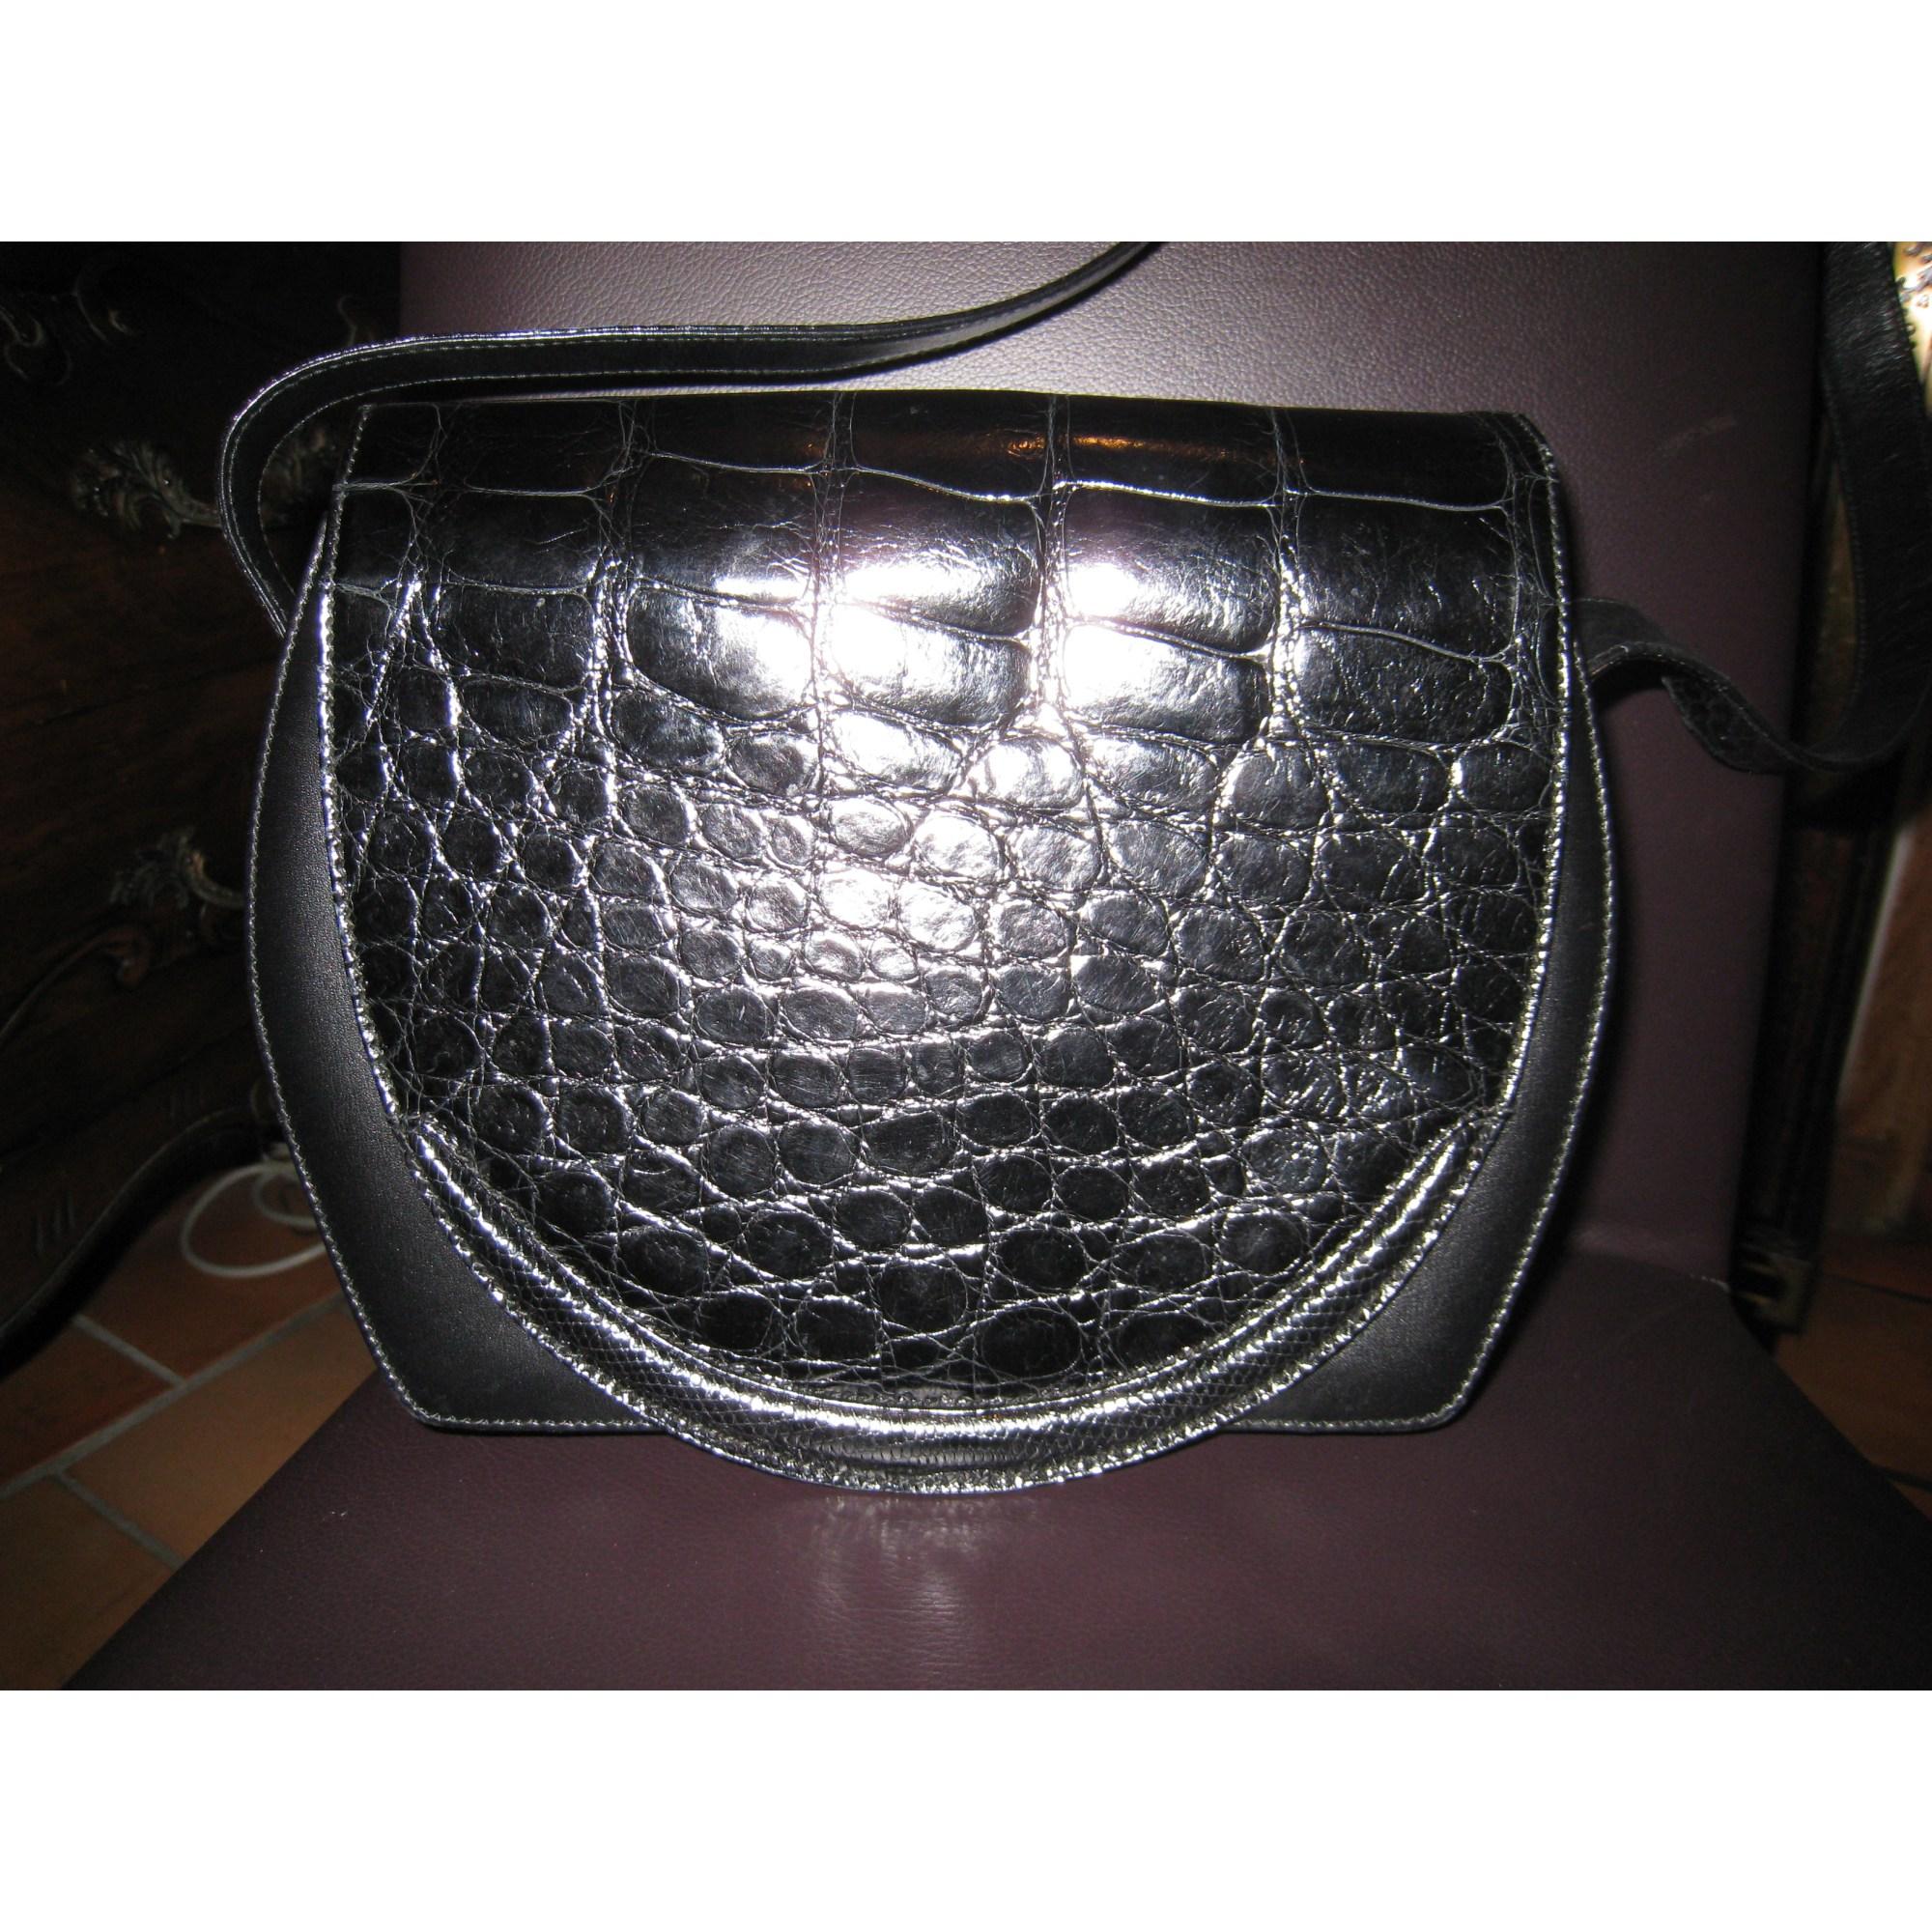 Sac en bandoulière en cuir GUCCI noir vendu par Karine 75 - 2462715 1d8f713d035